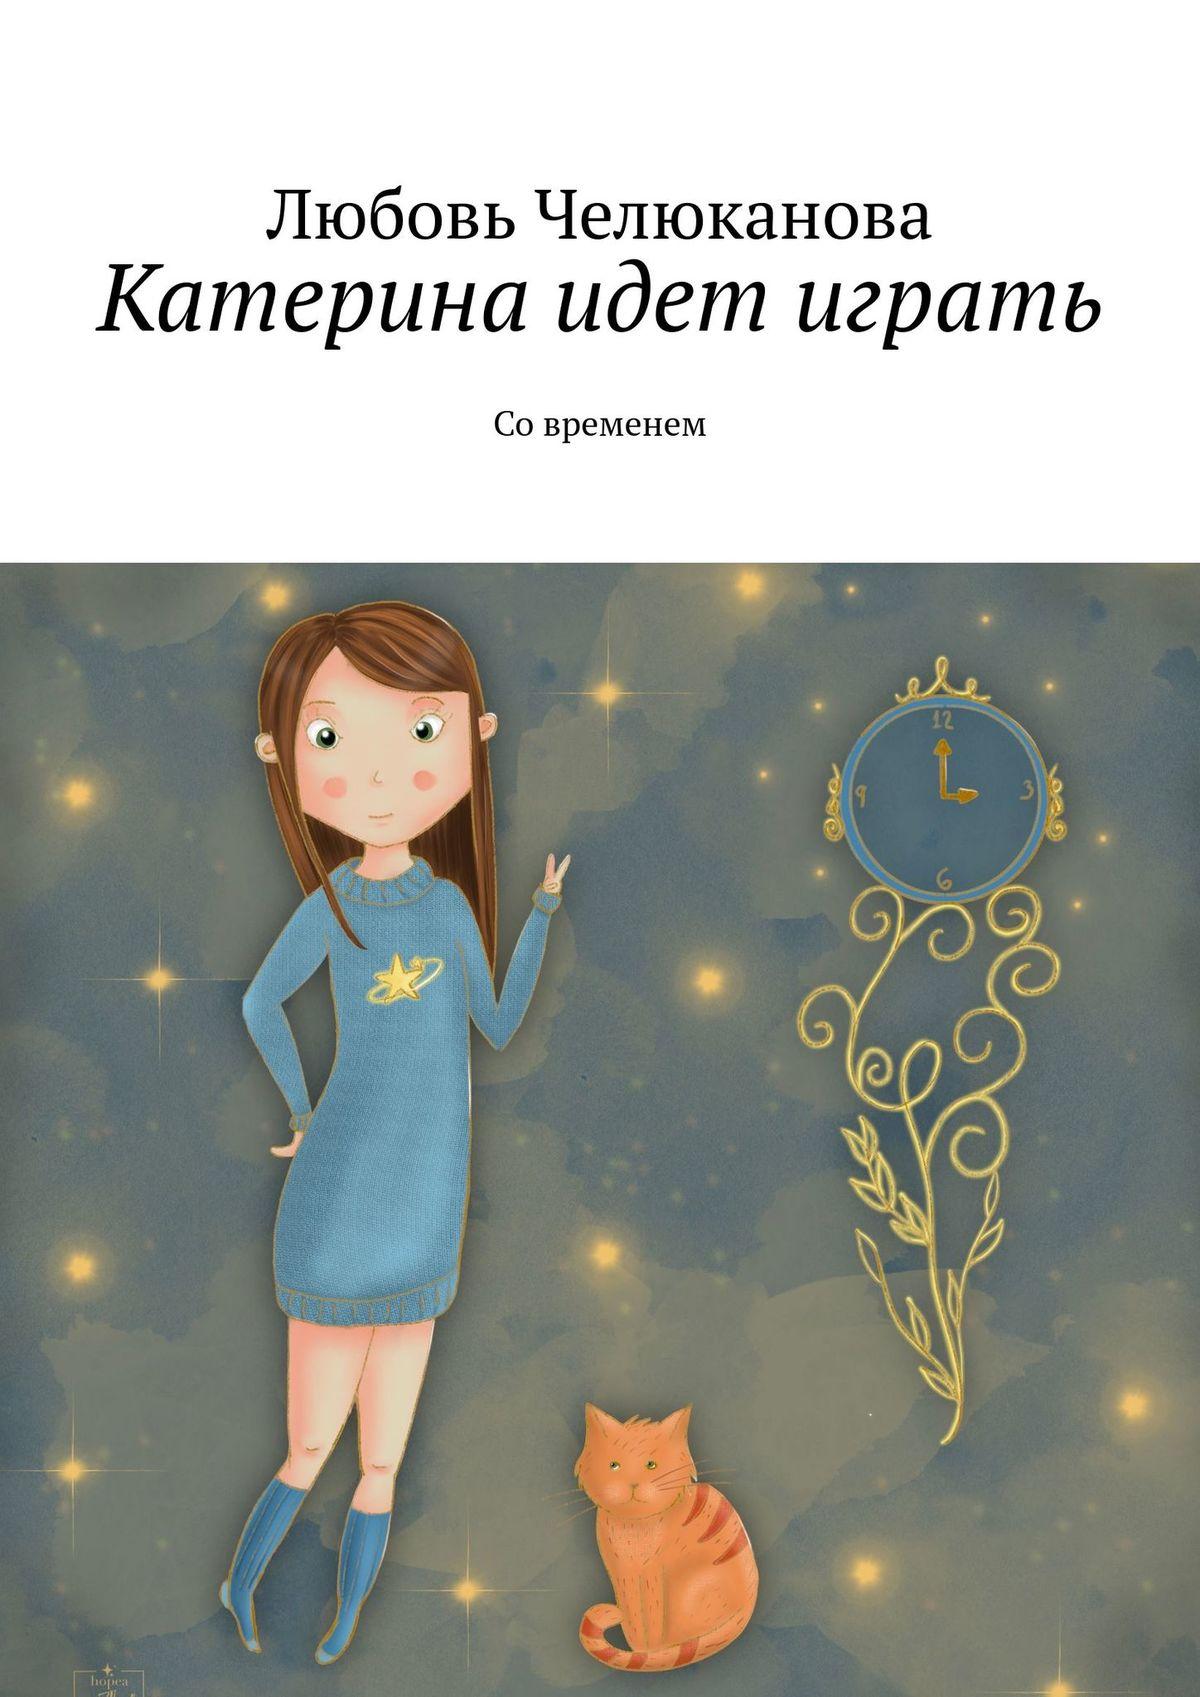 Любовь Челюканова Катерина идет играть. Современем цены